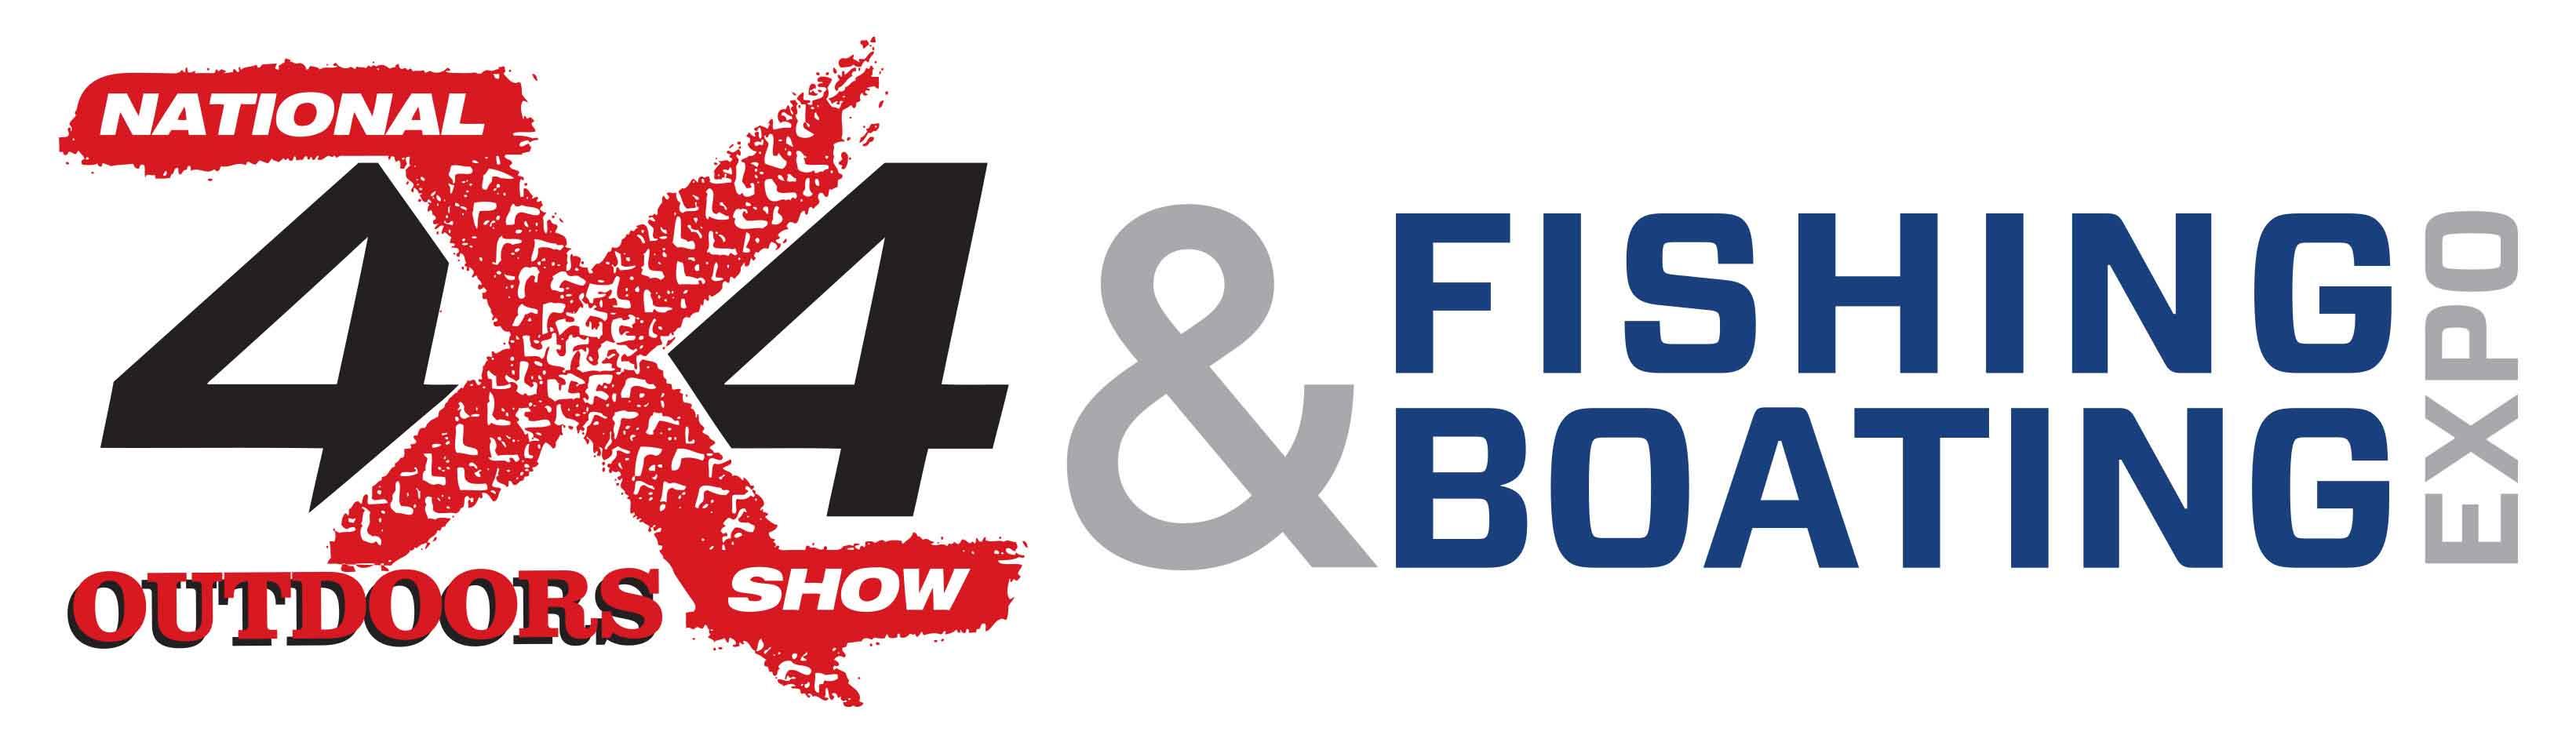 4x4 show logo